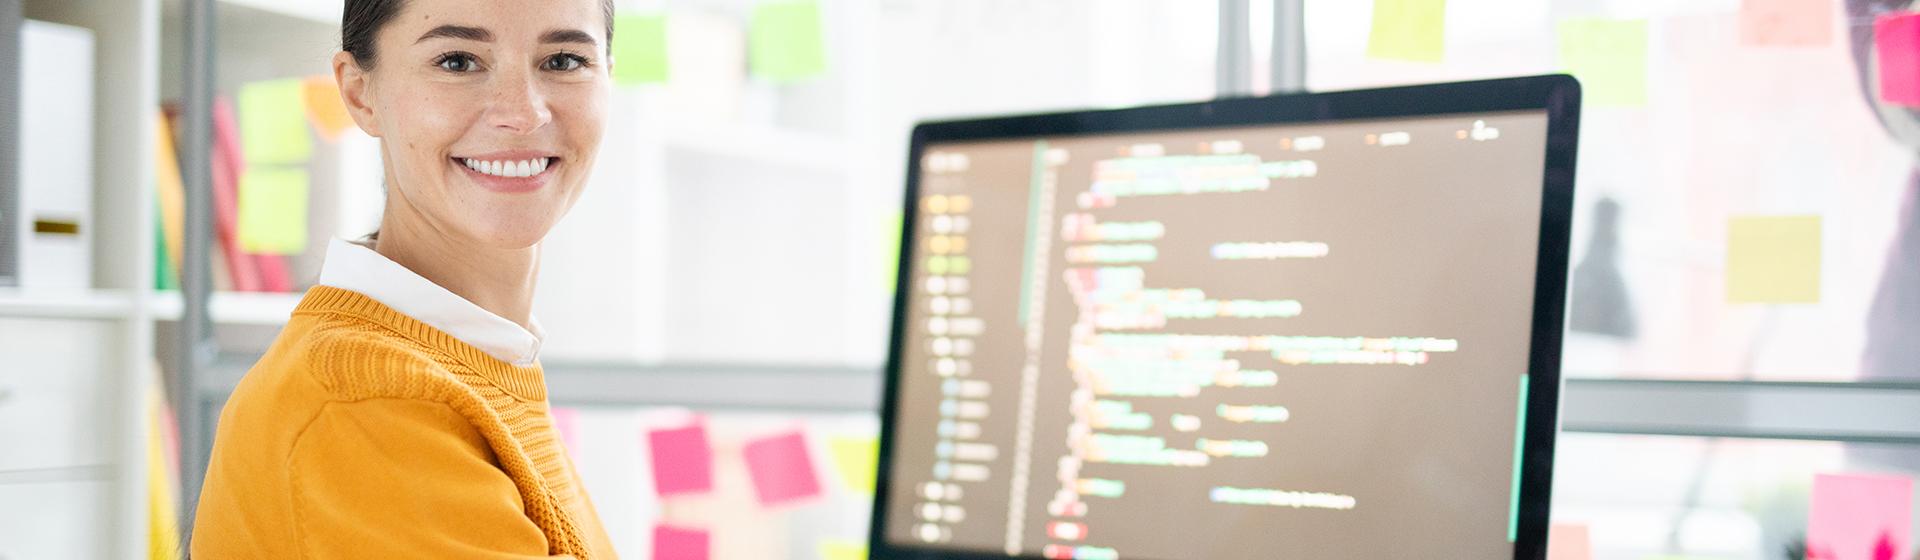 IT Desktop Support Services